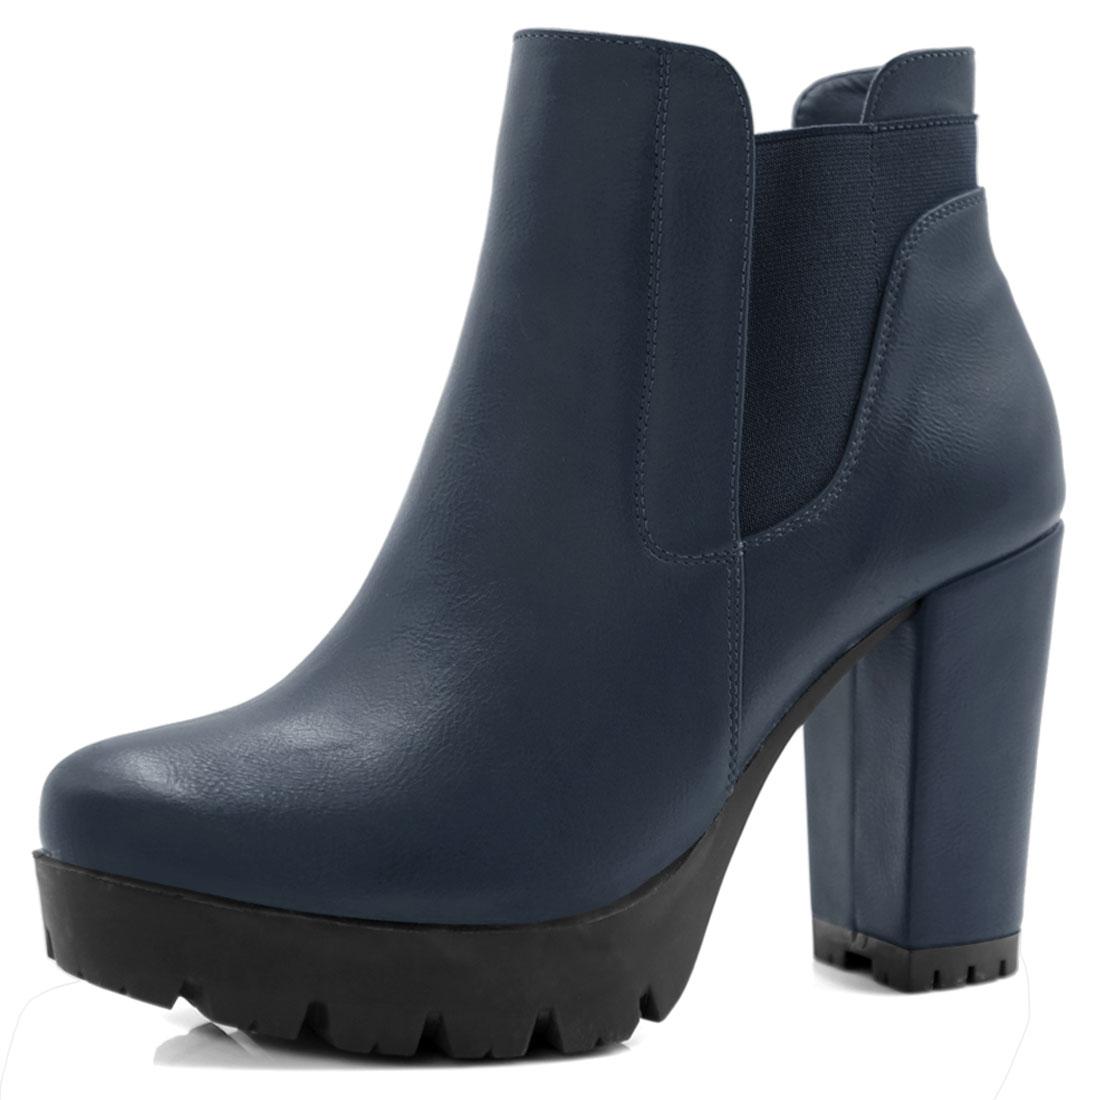 Allegra K Women Chunky High Heel Platform Zipper Chelsea Boots Navy Blue US 6